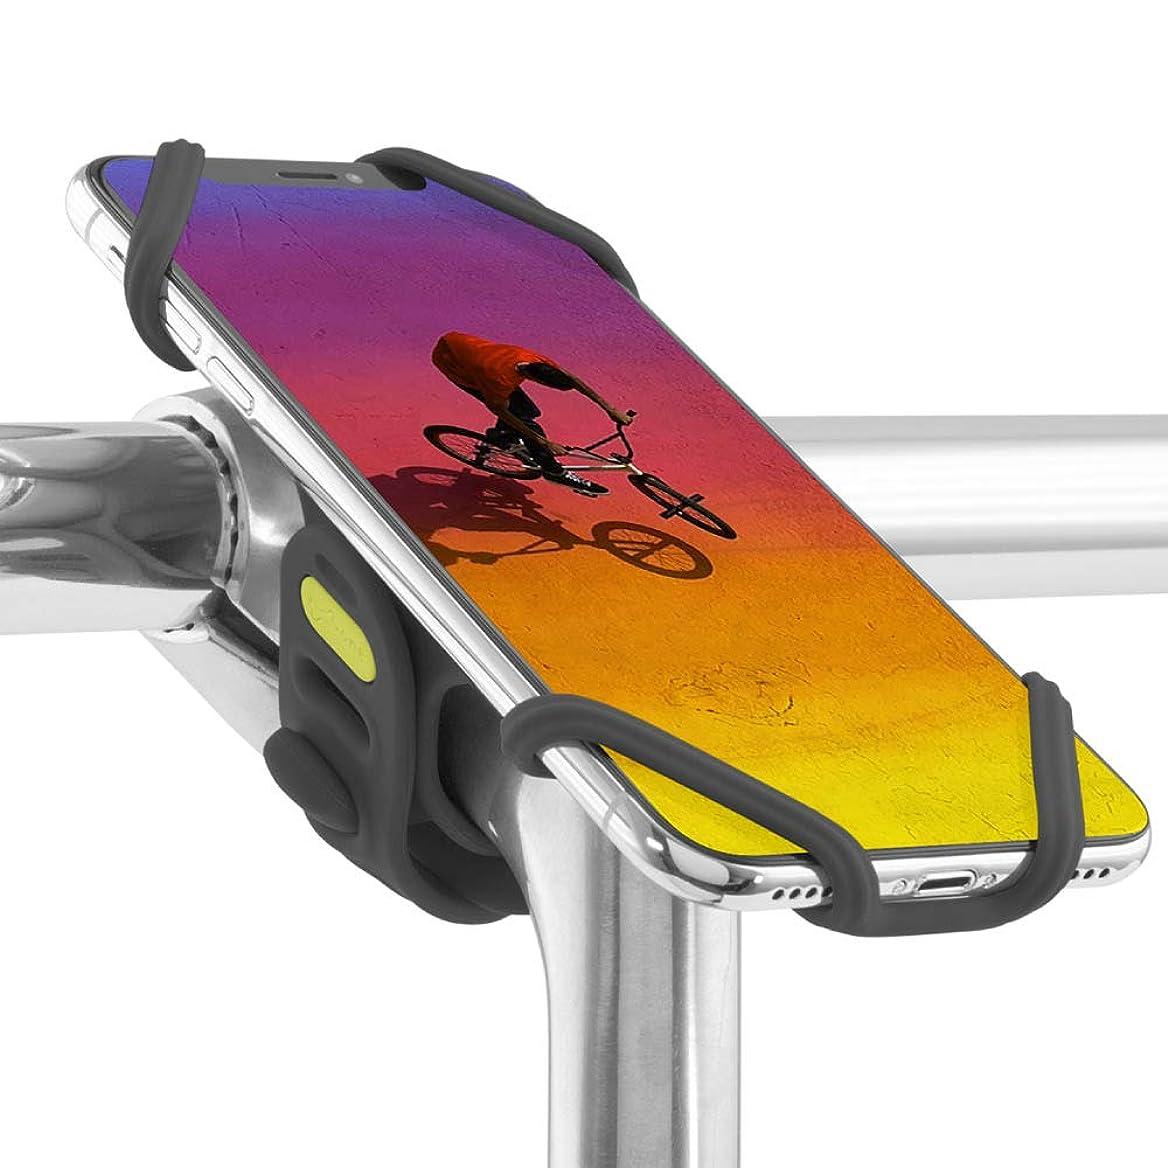 できたディレクター葉Bone 自転車 スマホ ホルダー 携帯ホルダー ステム用 超軽量 全シリコン製 脱着簡単 脱落防止 4-6.5インチのスマホに対応 iPhone XS Max XR X 8 7 6S Plus Xperia ZX3 Galaxy S10 S9 S8 note 9 Pixel 3 XL TorqueG03 / Bike Tie Pro 2 縦型 ブラック